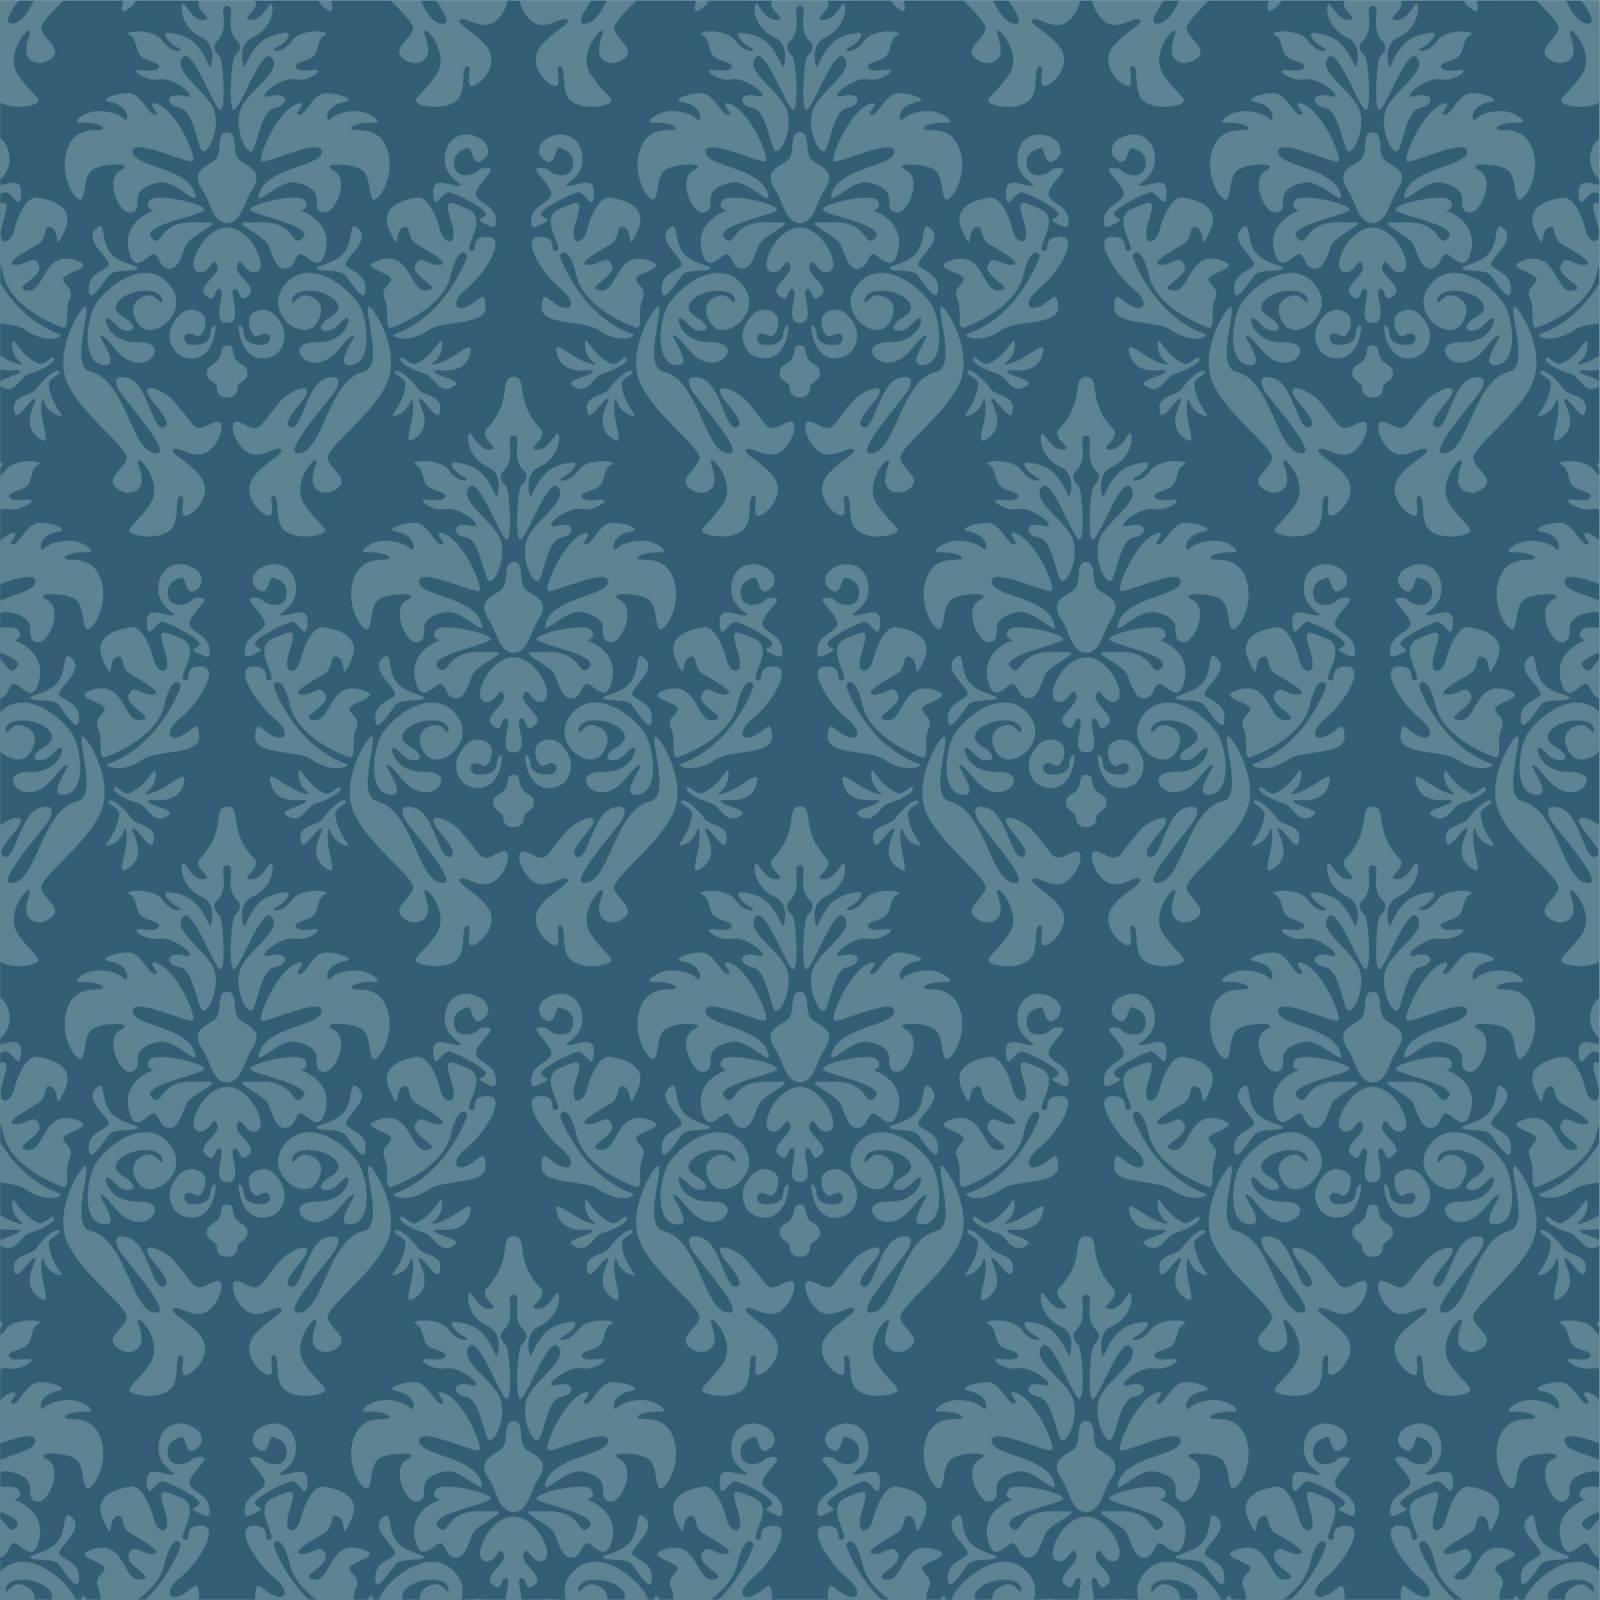 Papel de parede adesivo arabesco azul rolo redecorei - Paredes de papel ...